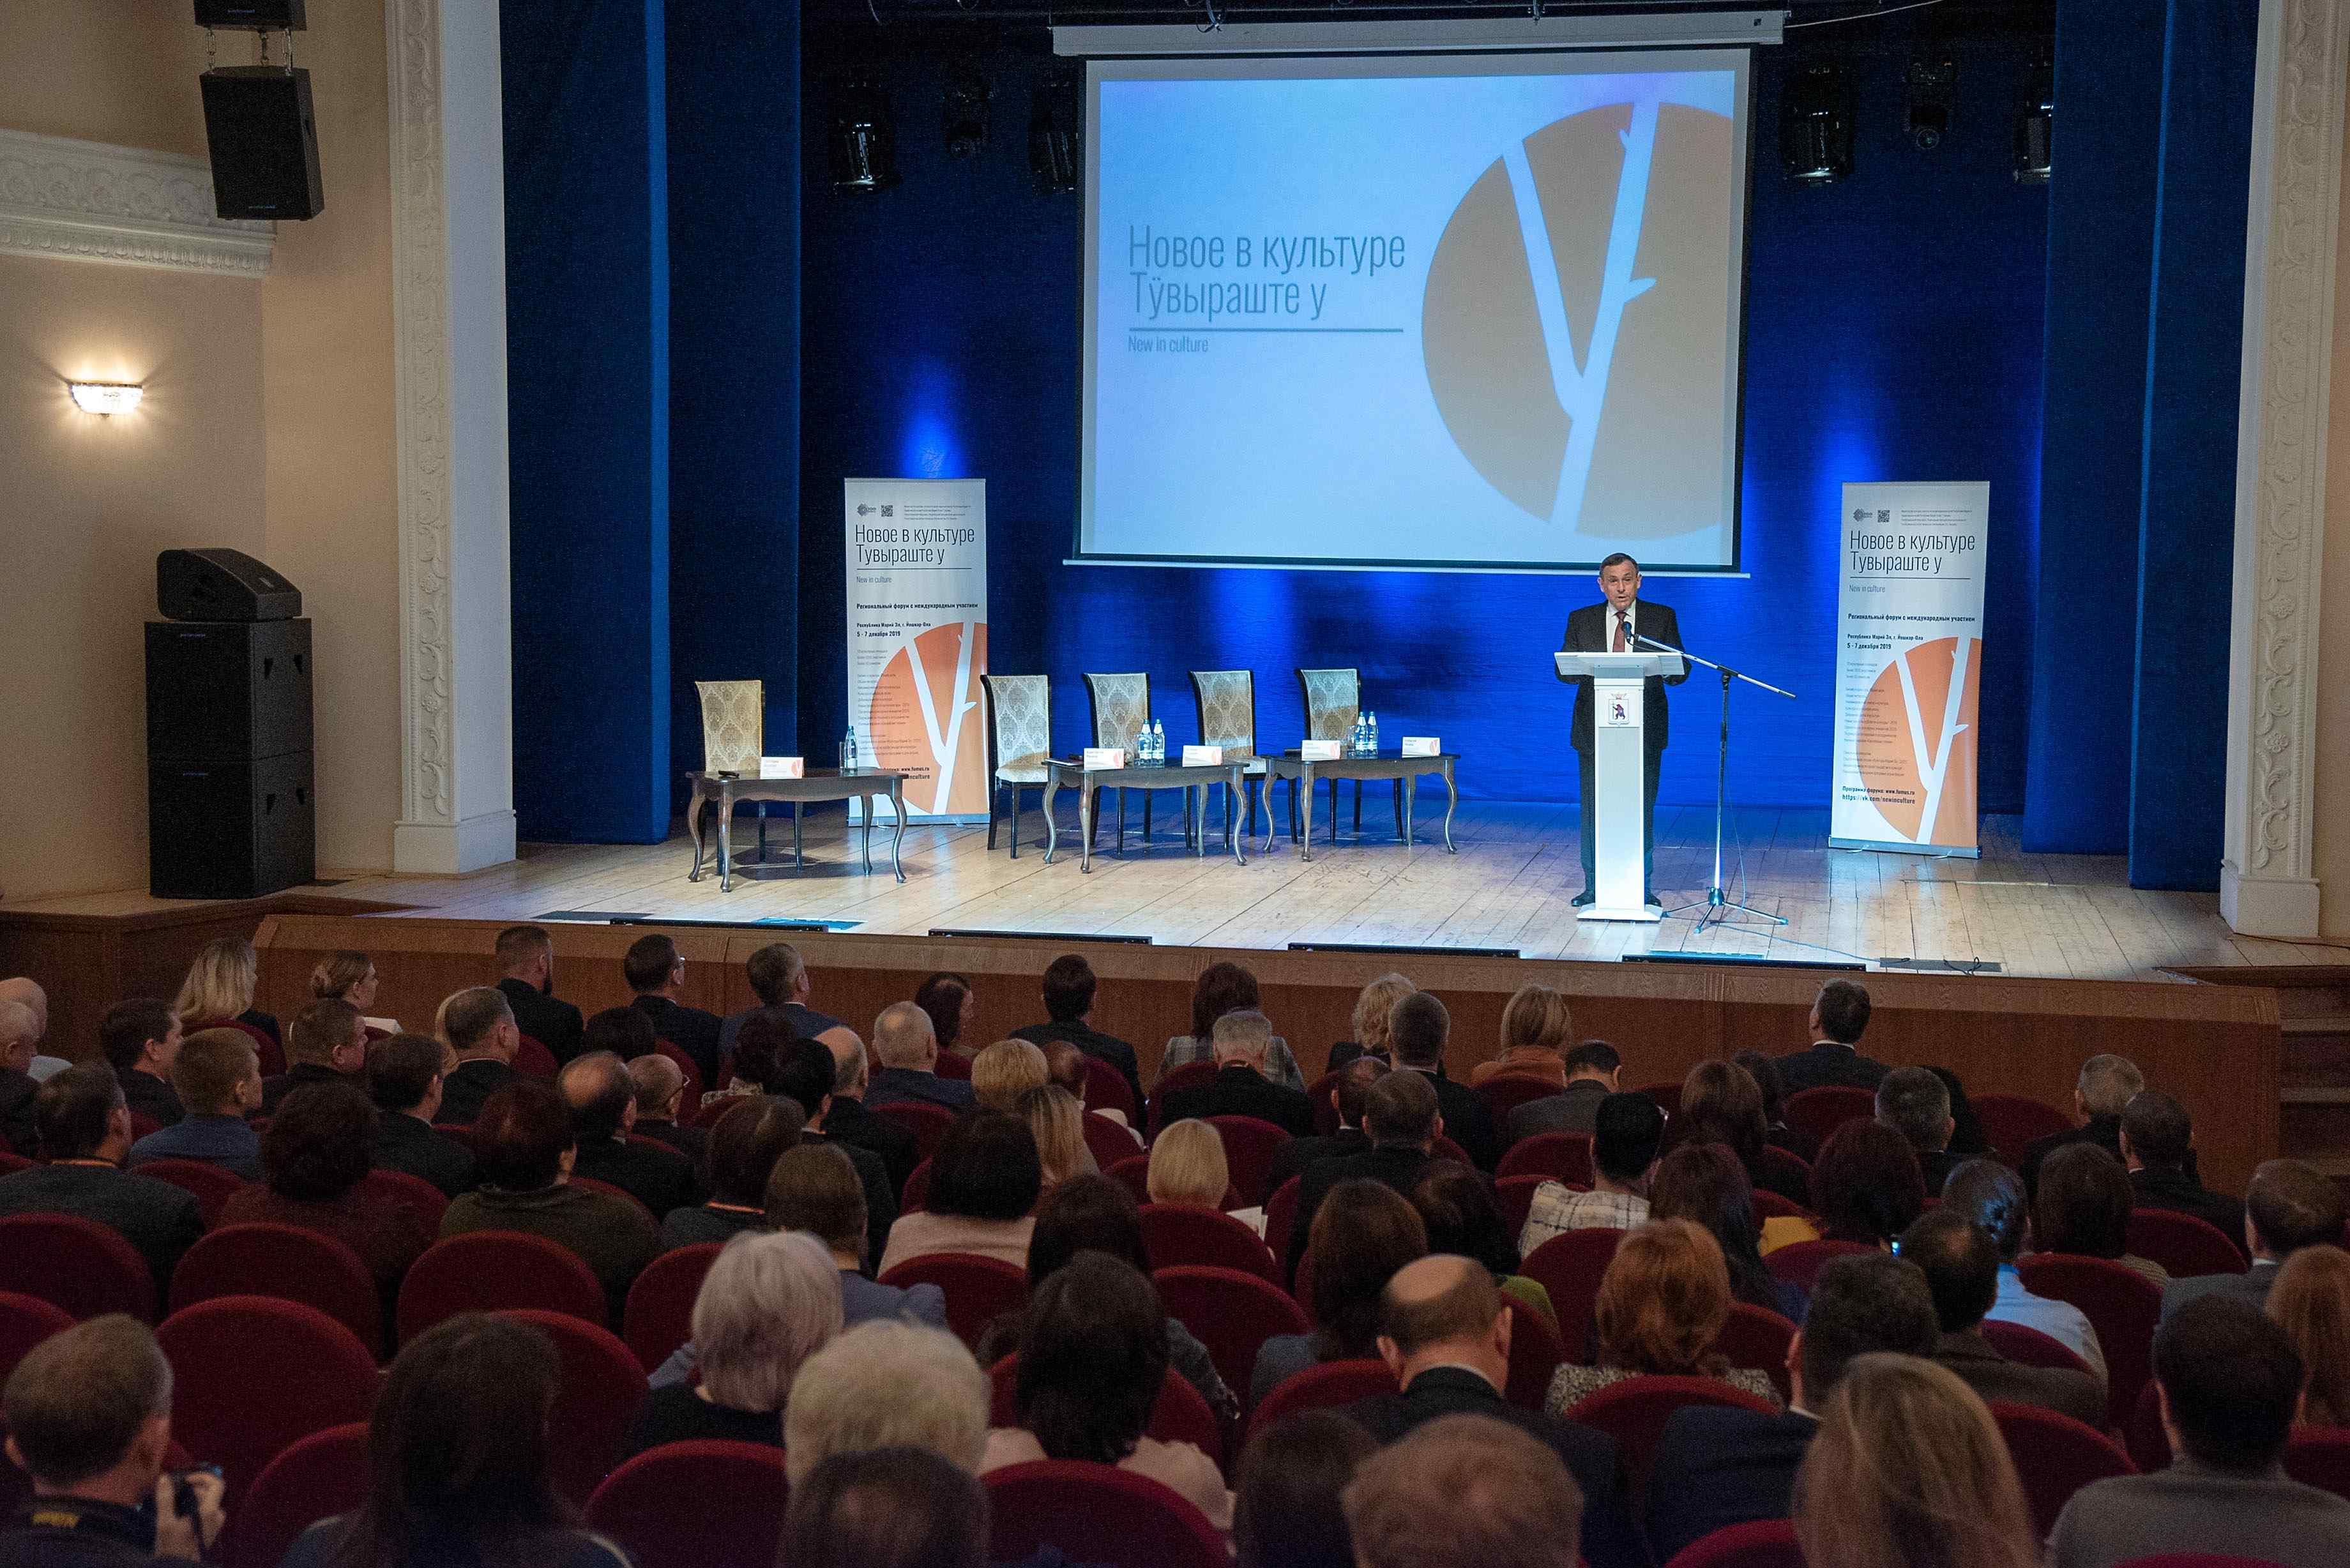 На форуме «Новое в культуре» в Марий Эл обсуждают будущее отрасли